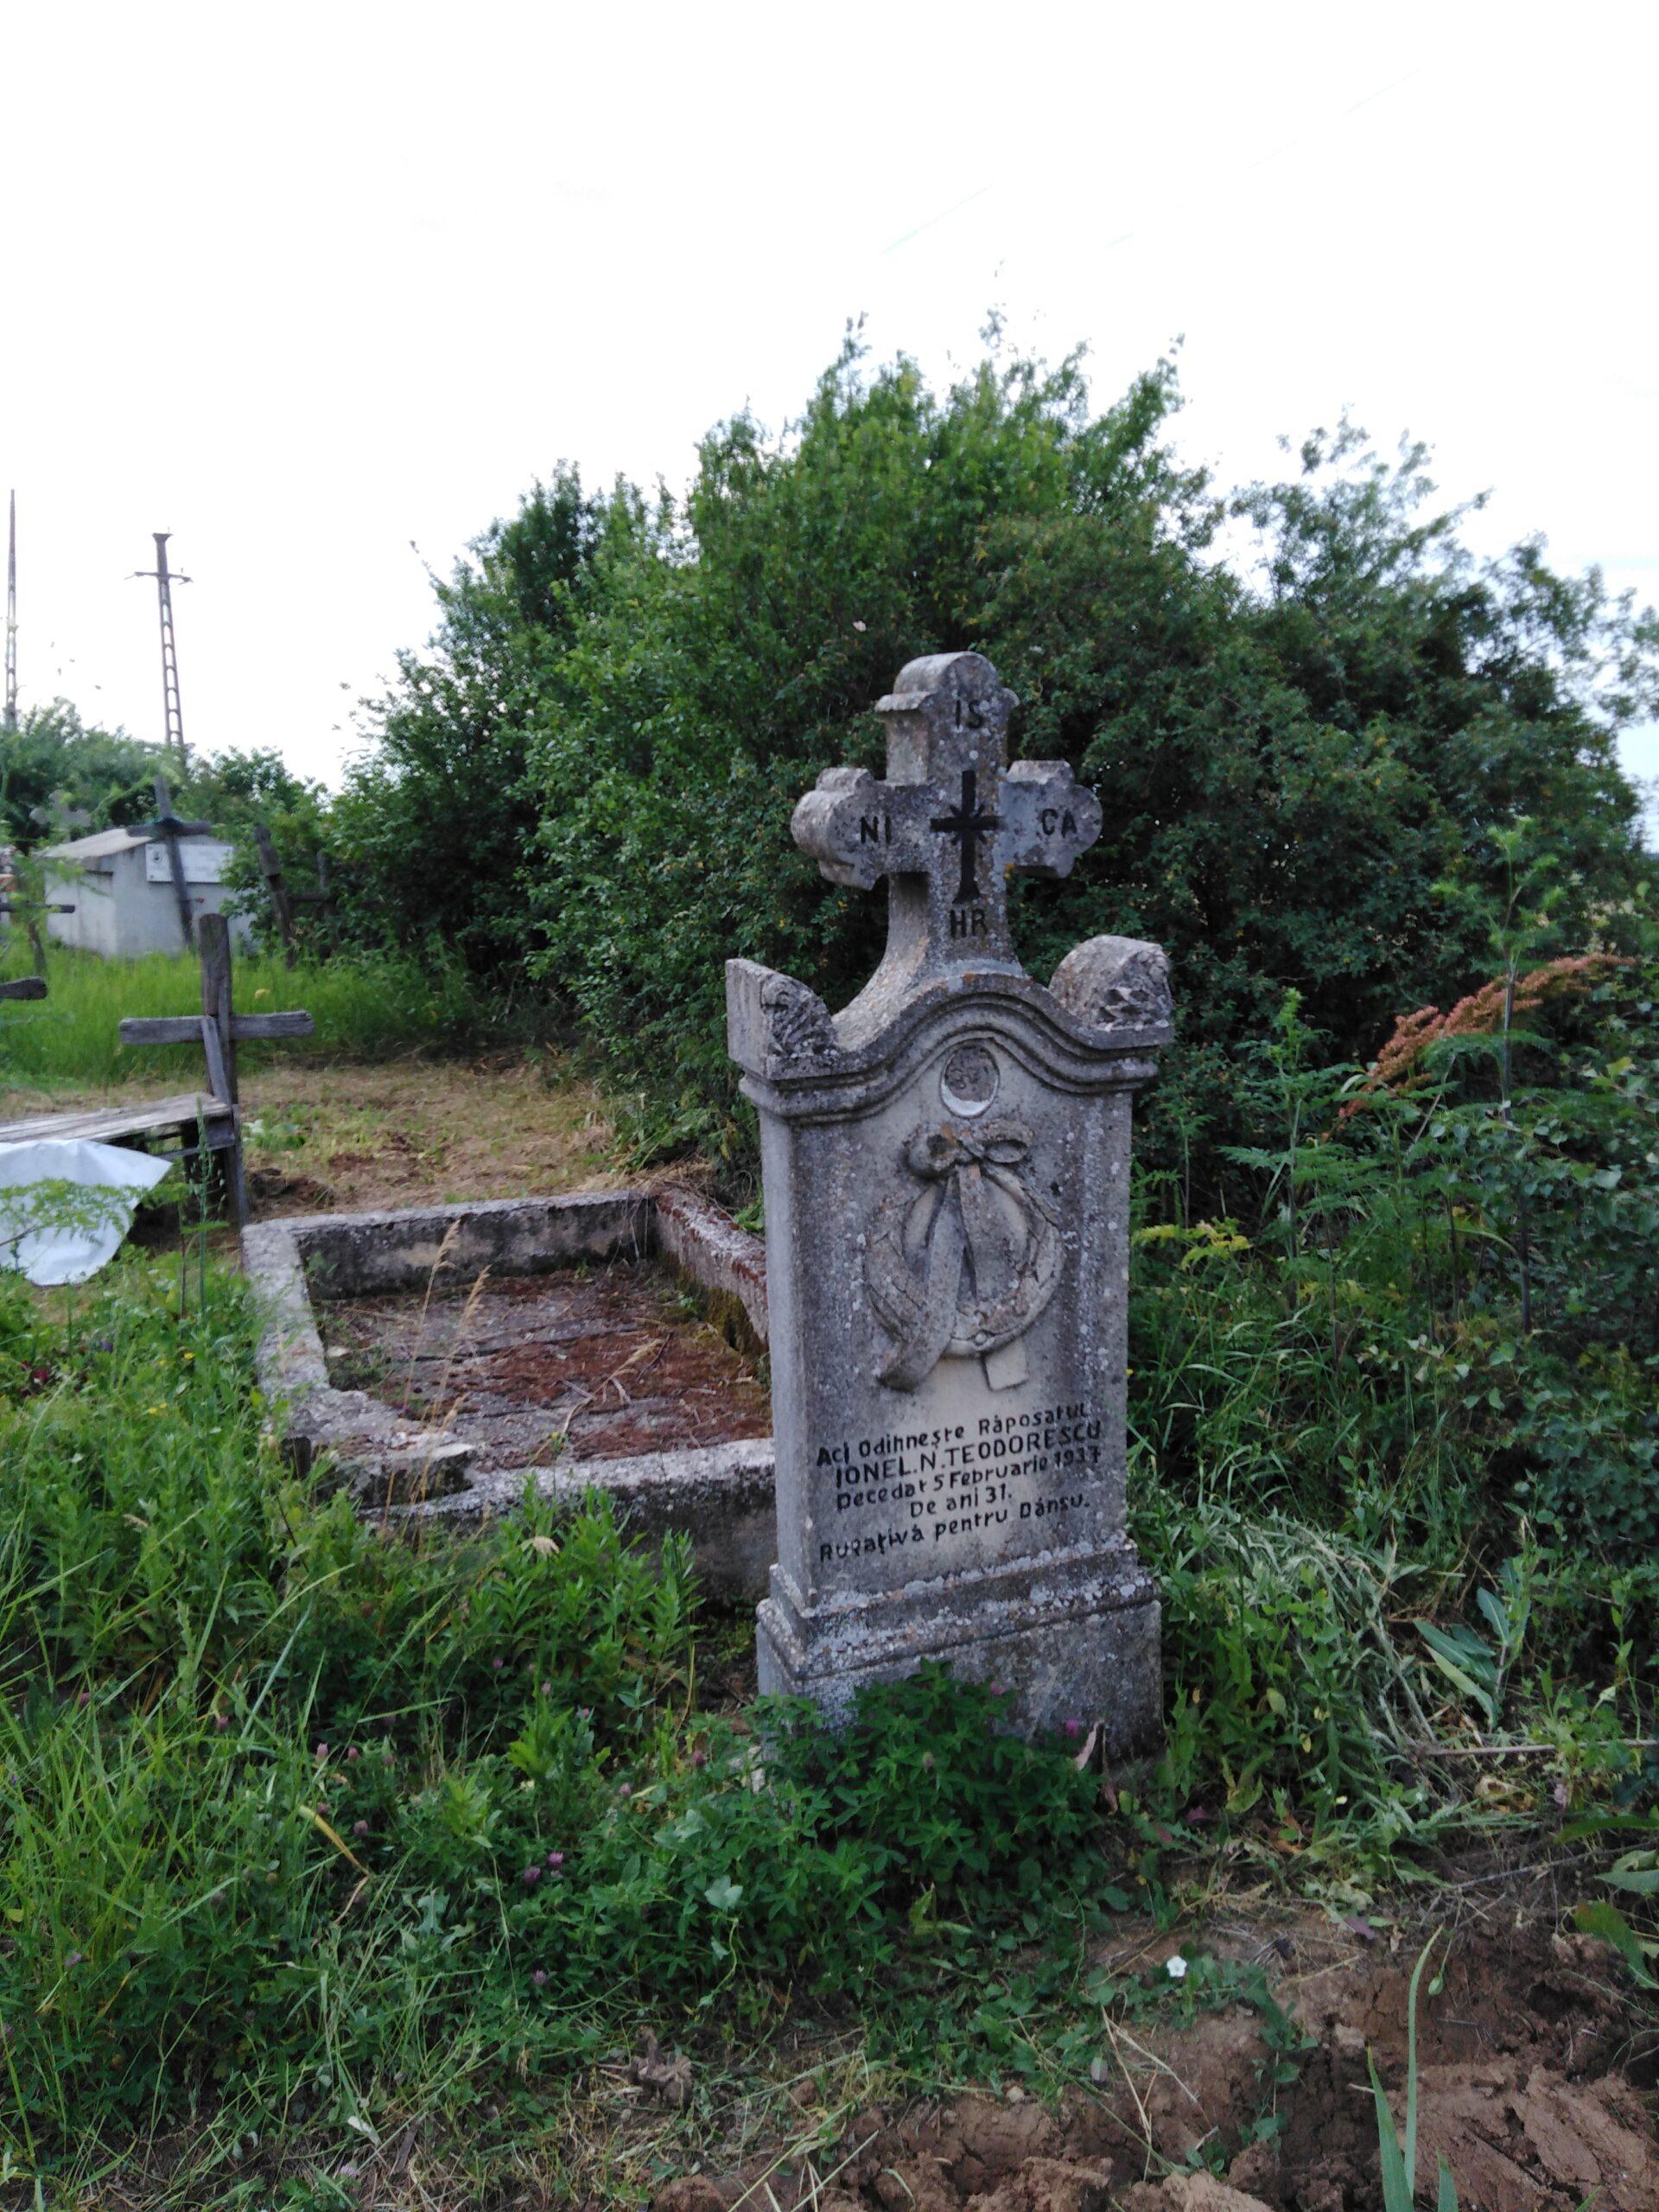 Uitat în cimitirul de la vale, mormântul învățătorului lui Marin Preda